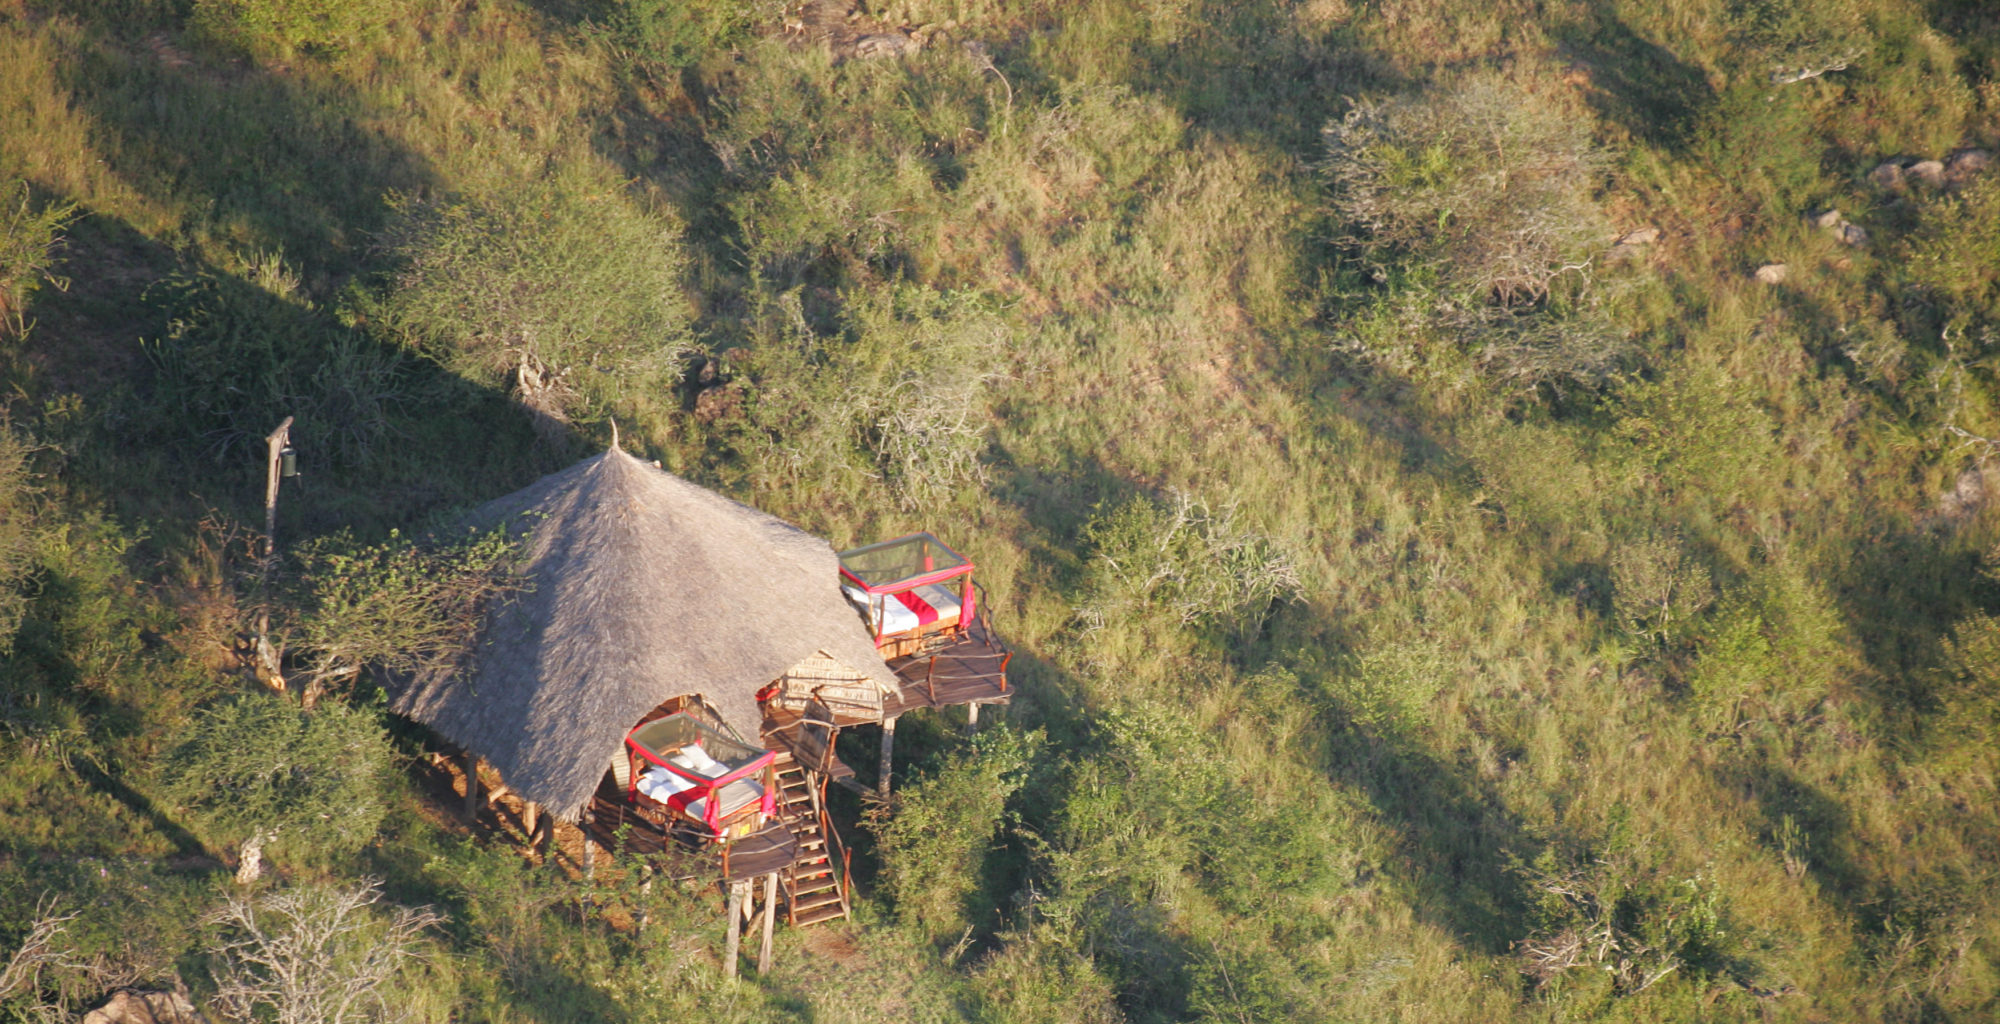 Loisaba Starbeds Kenya Aerial